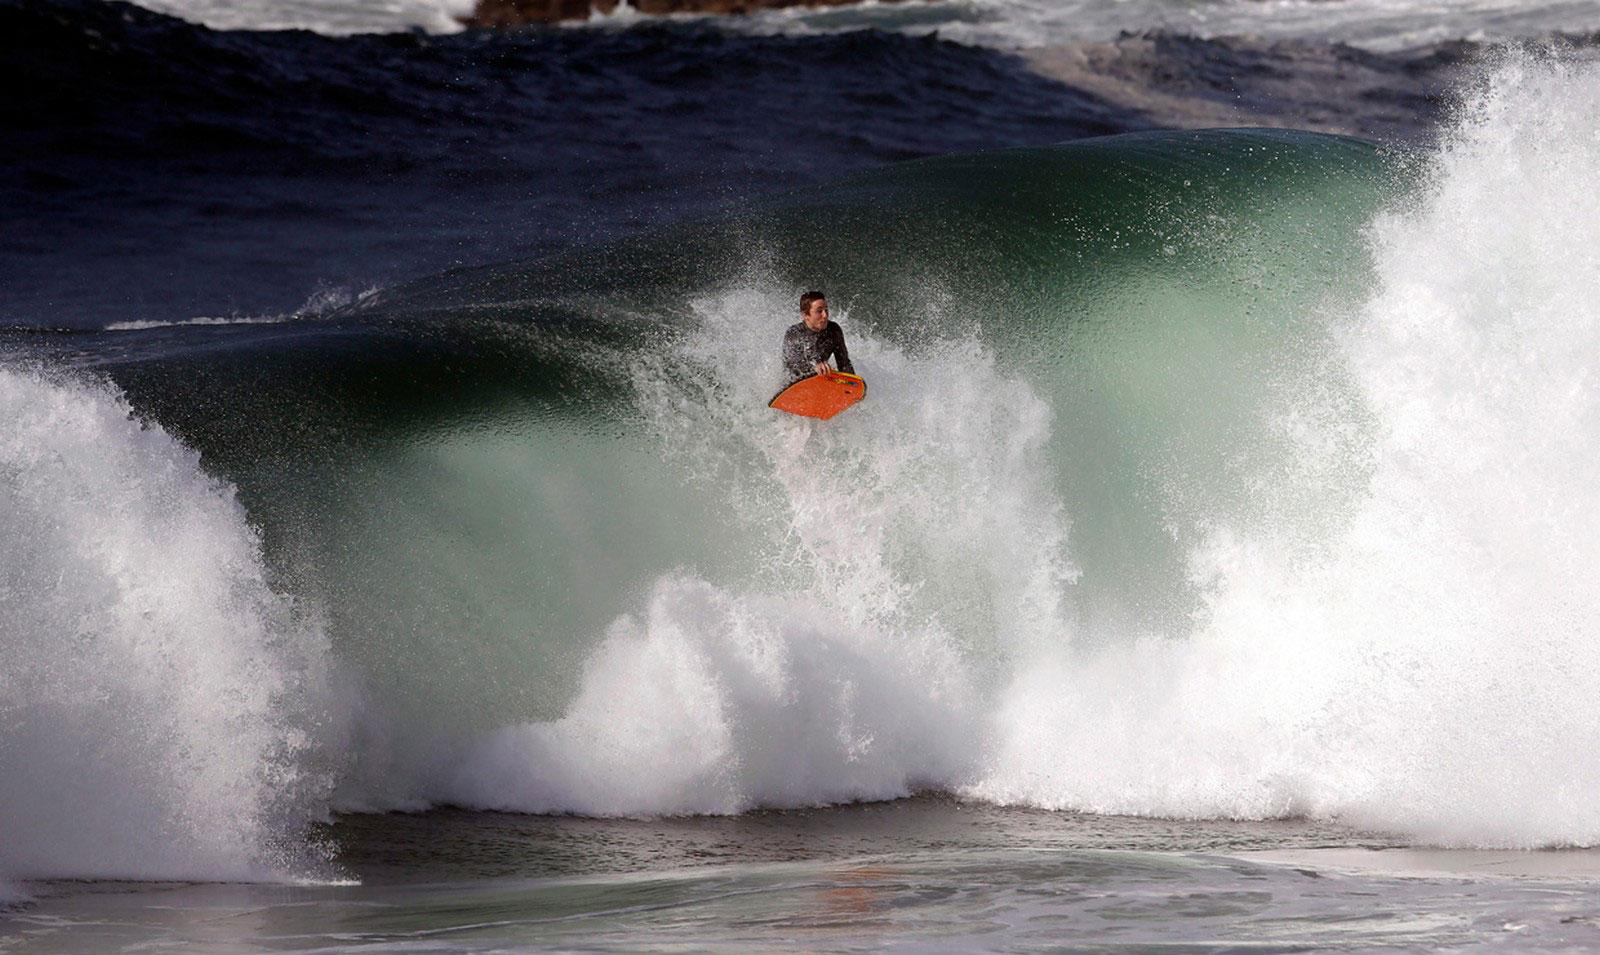 серфинг на волне, фото